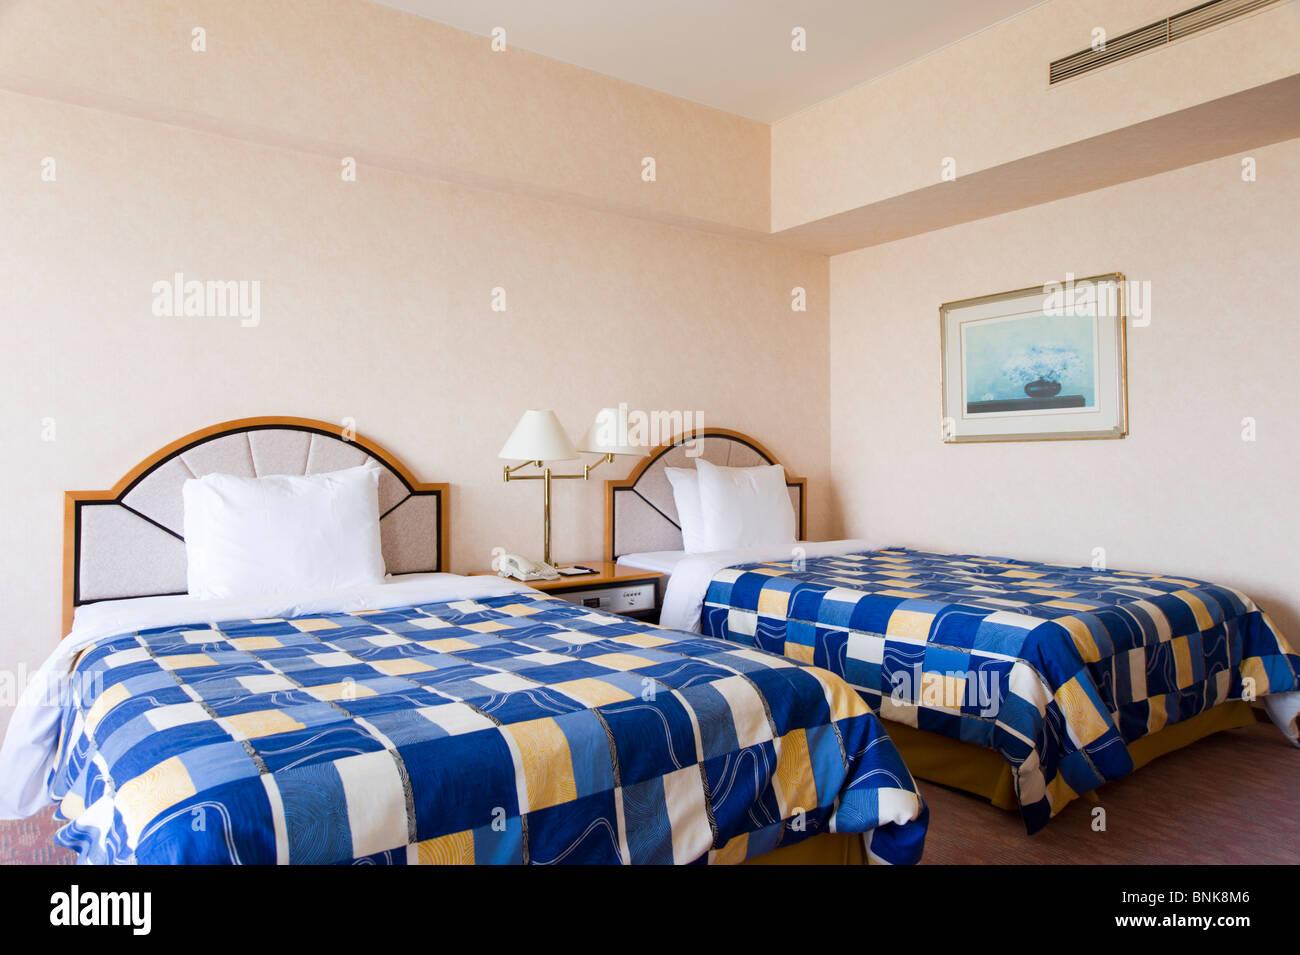 Hotel Hilton e camera con 2 letti singoli Immagini Stock